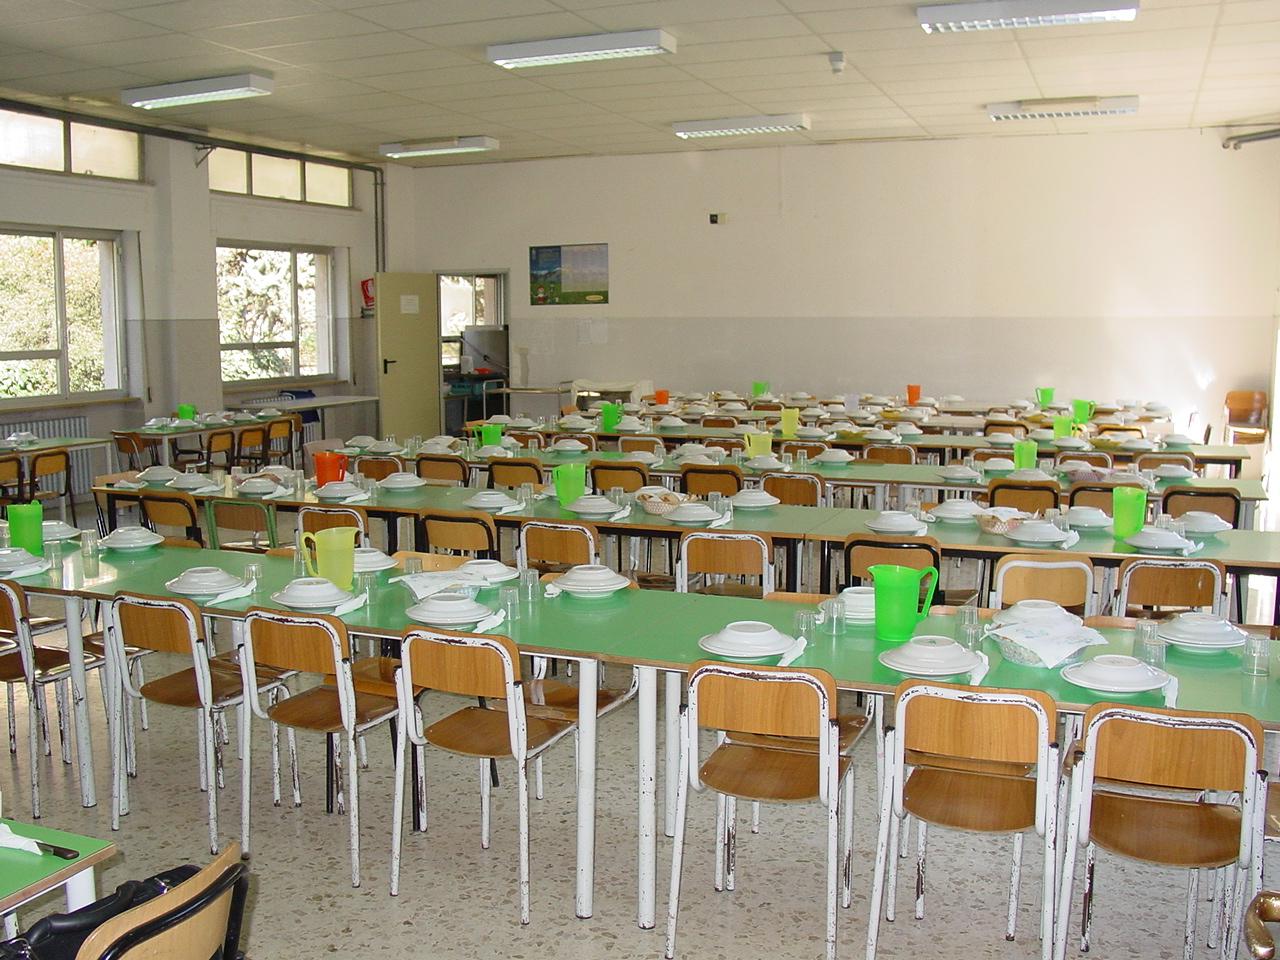 Rummo mense scolastiche